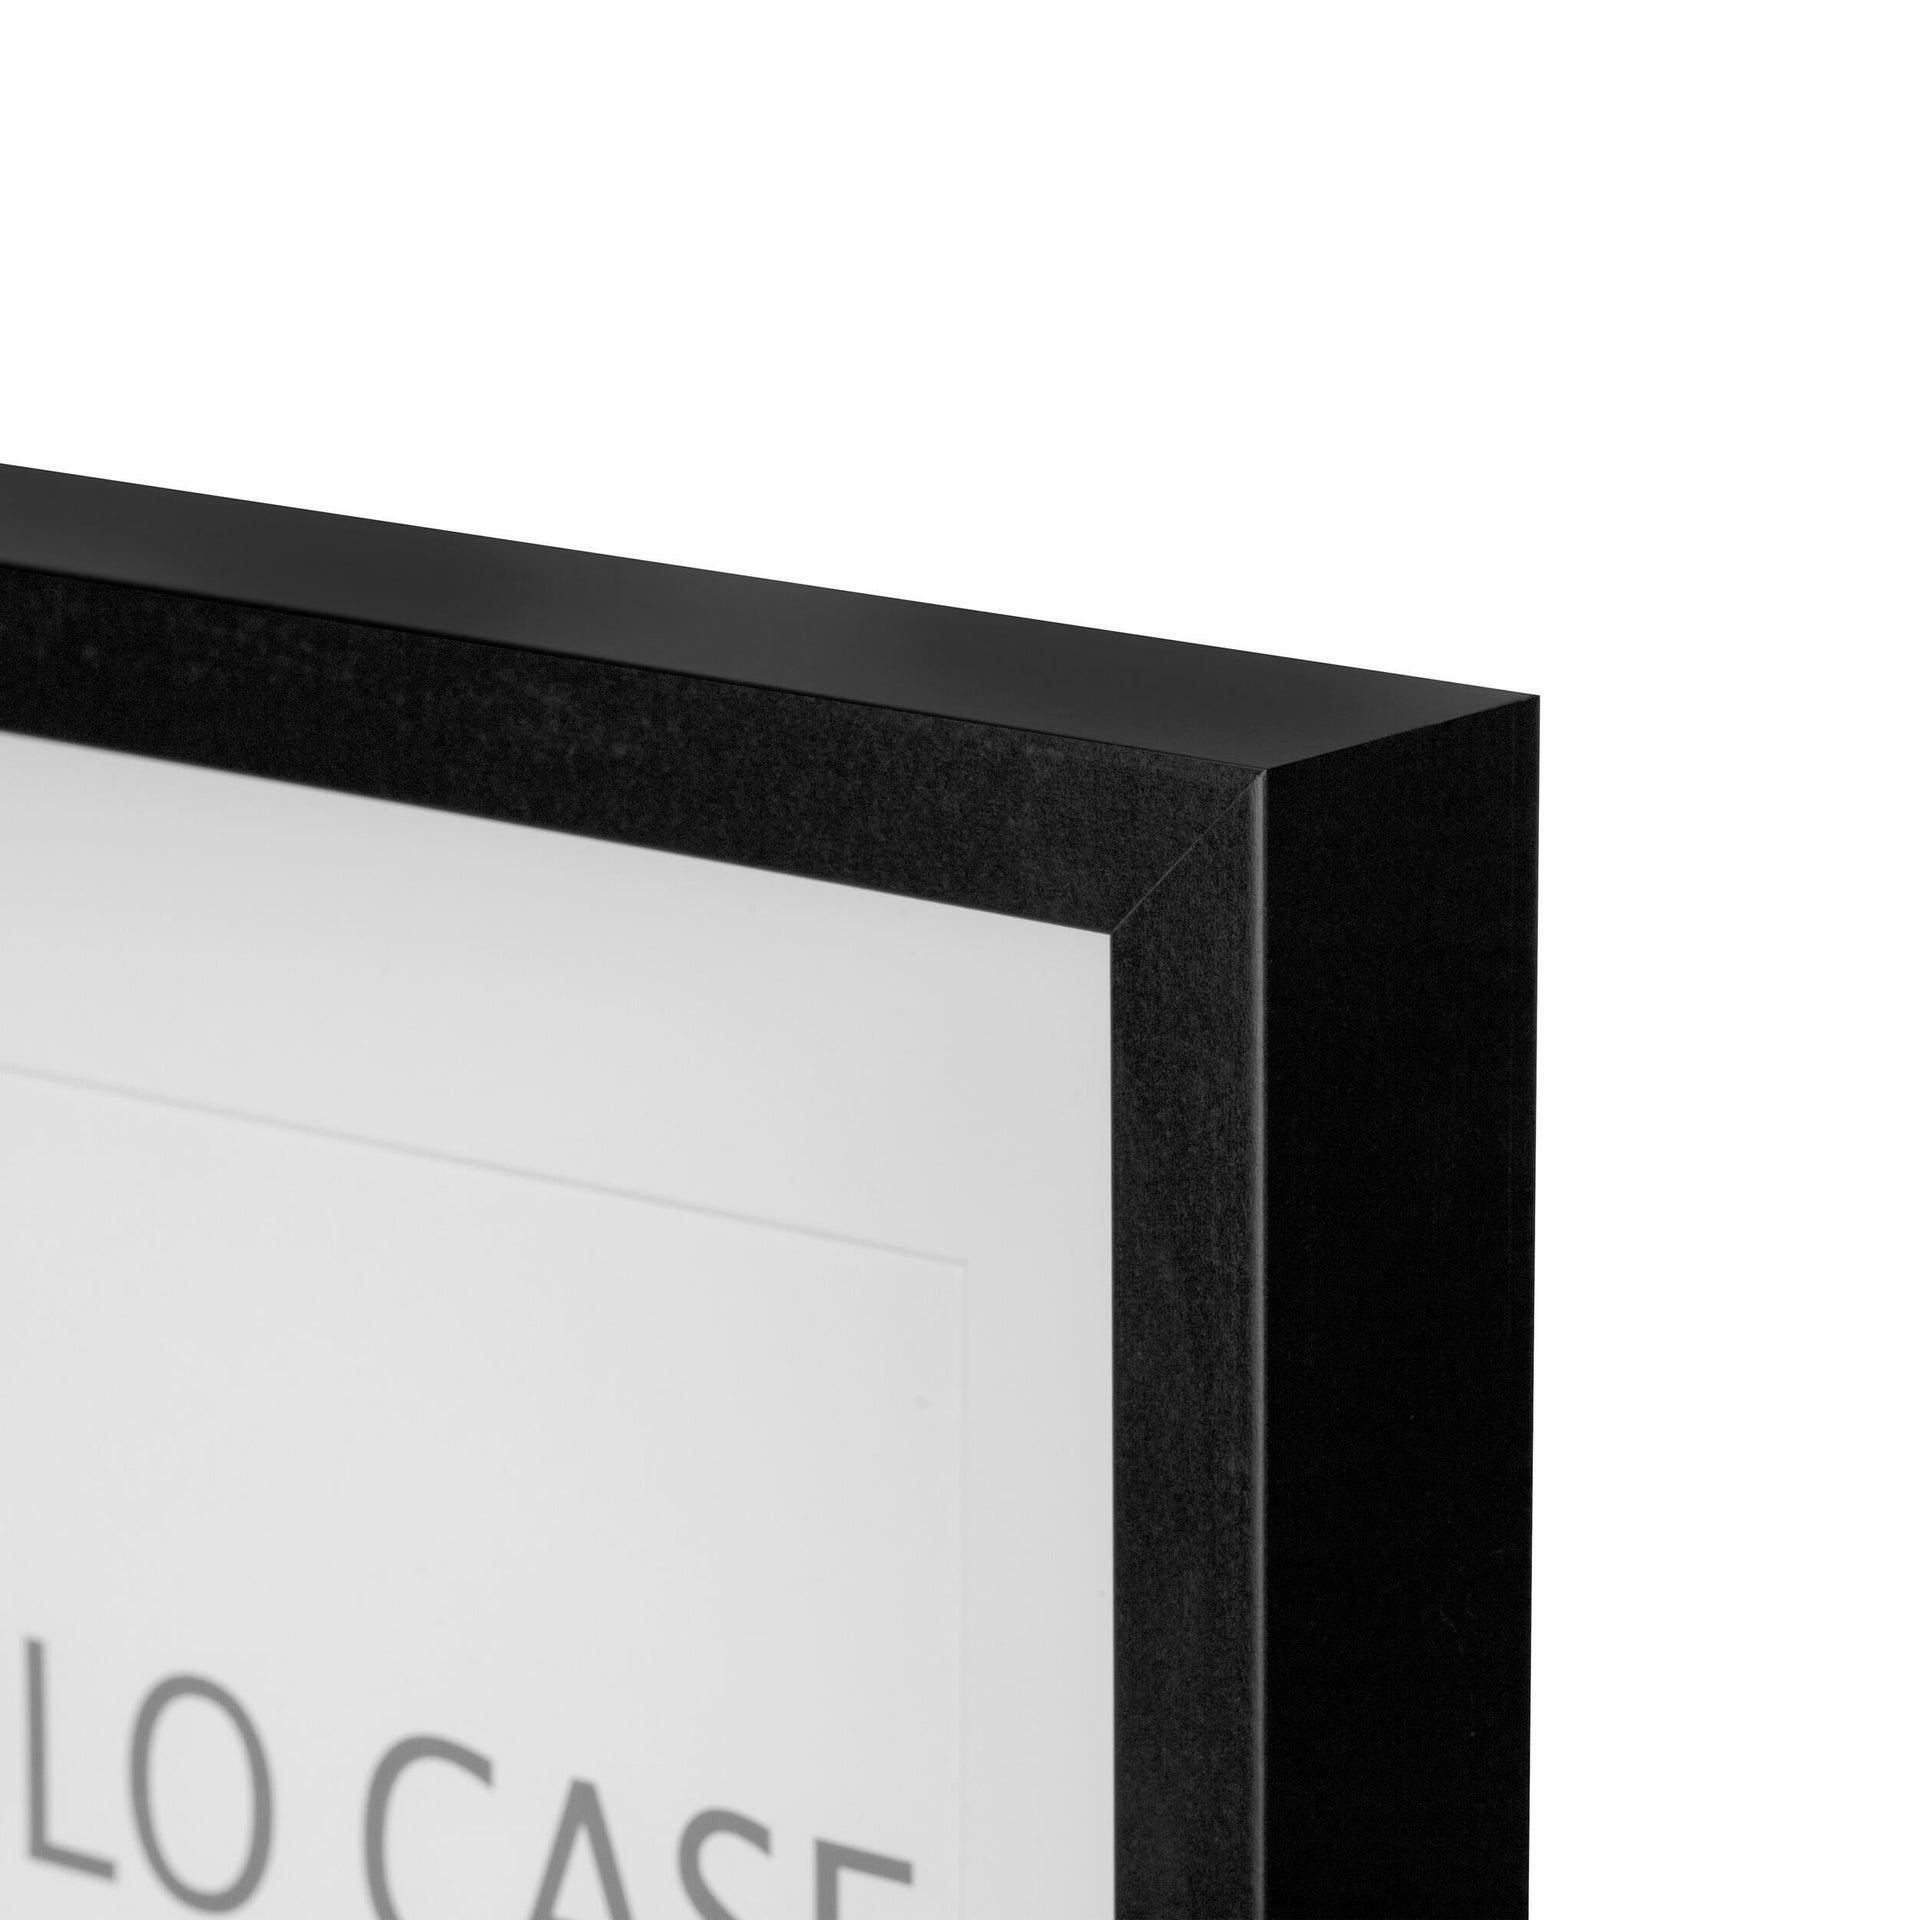 Cornice con passe-partout Inspire milo nero 40x50 cm - 3